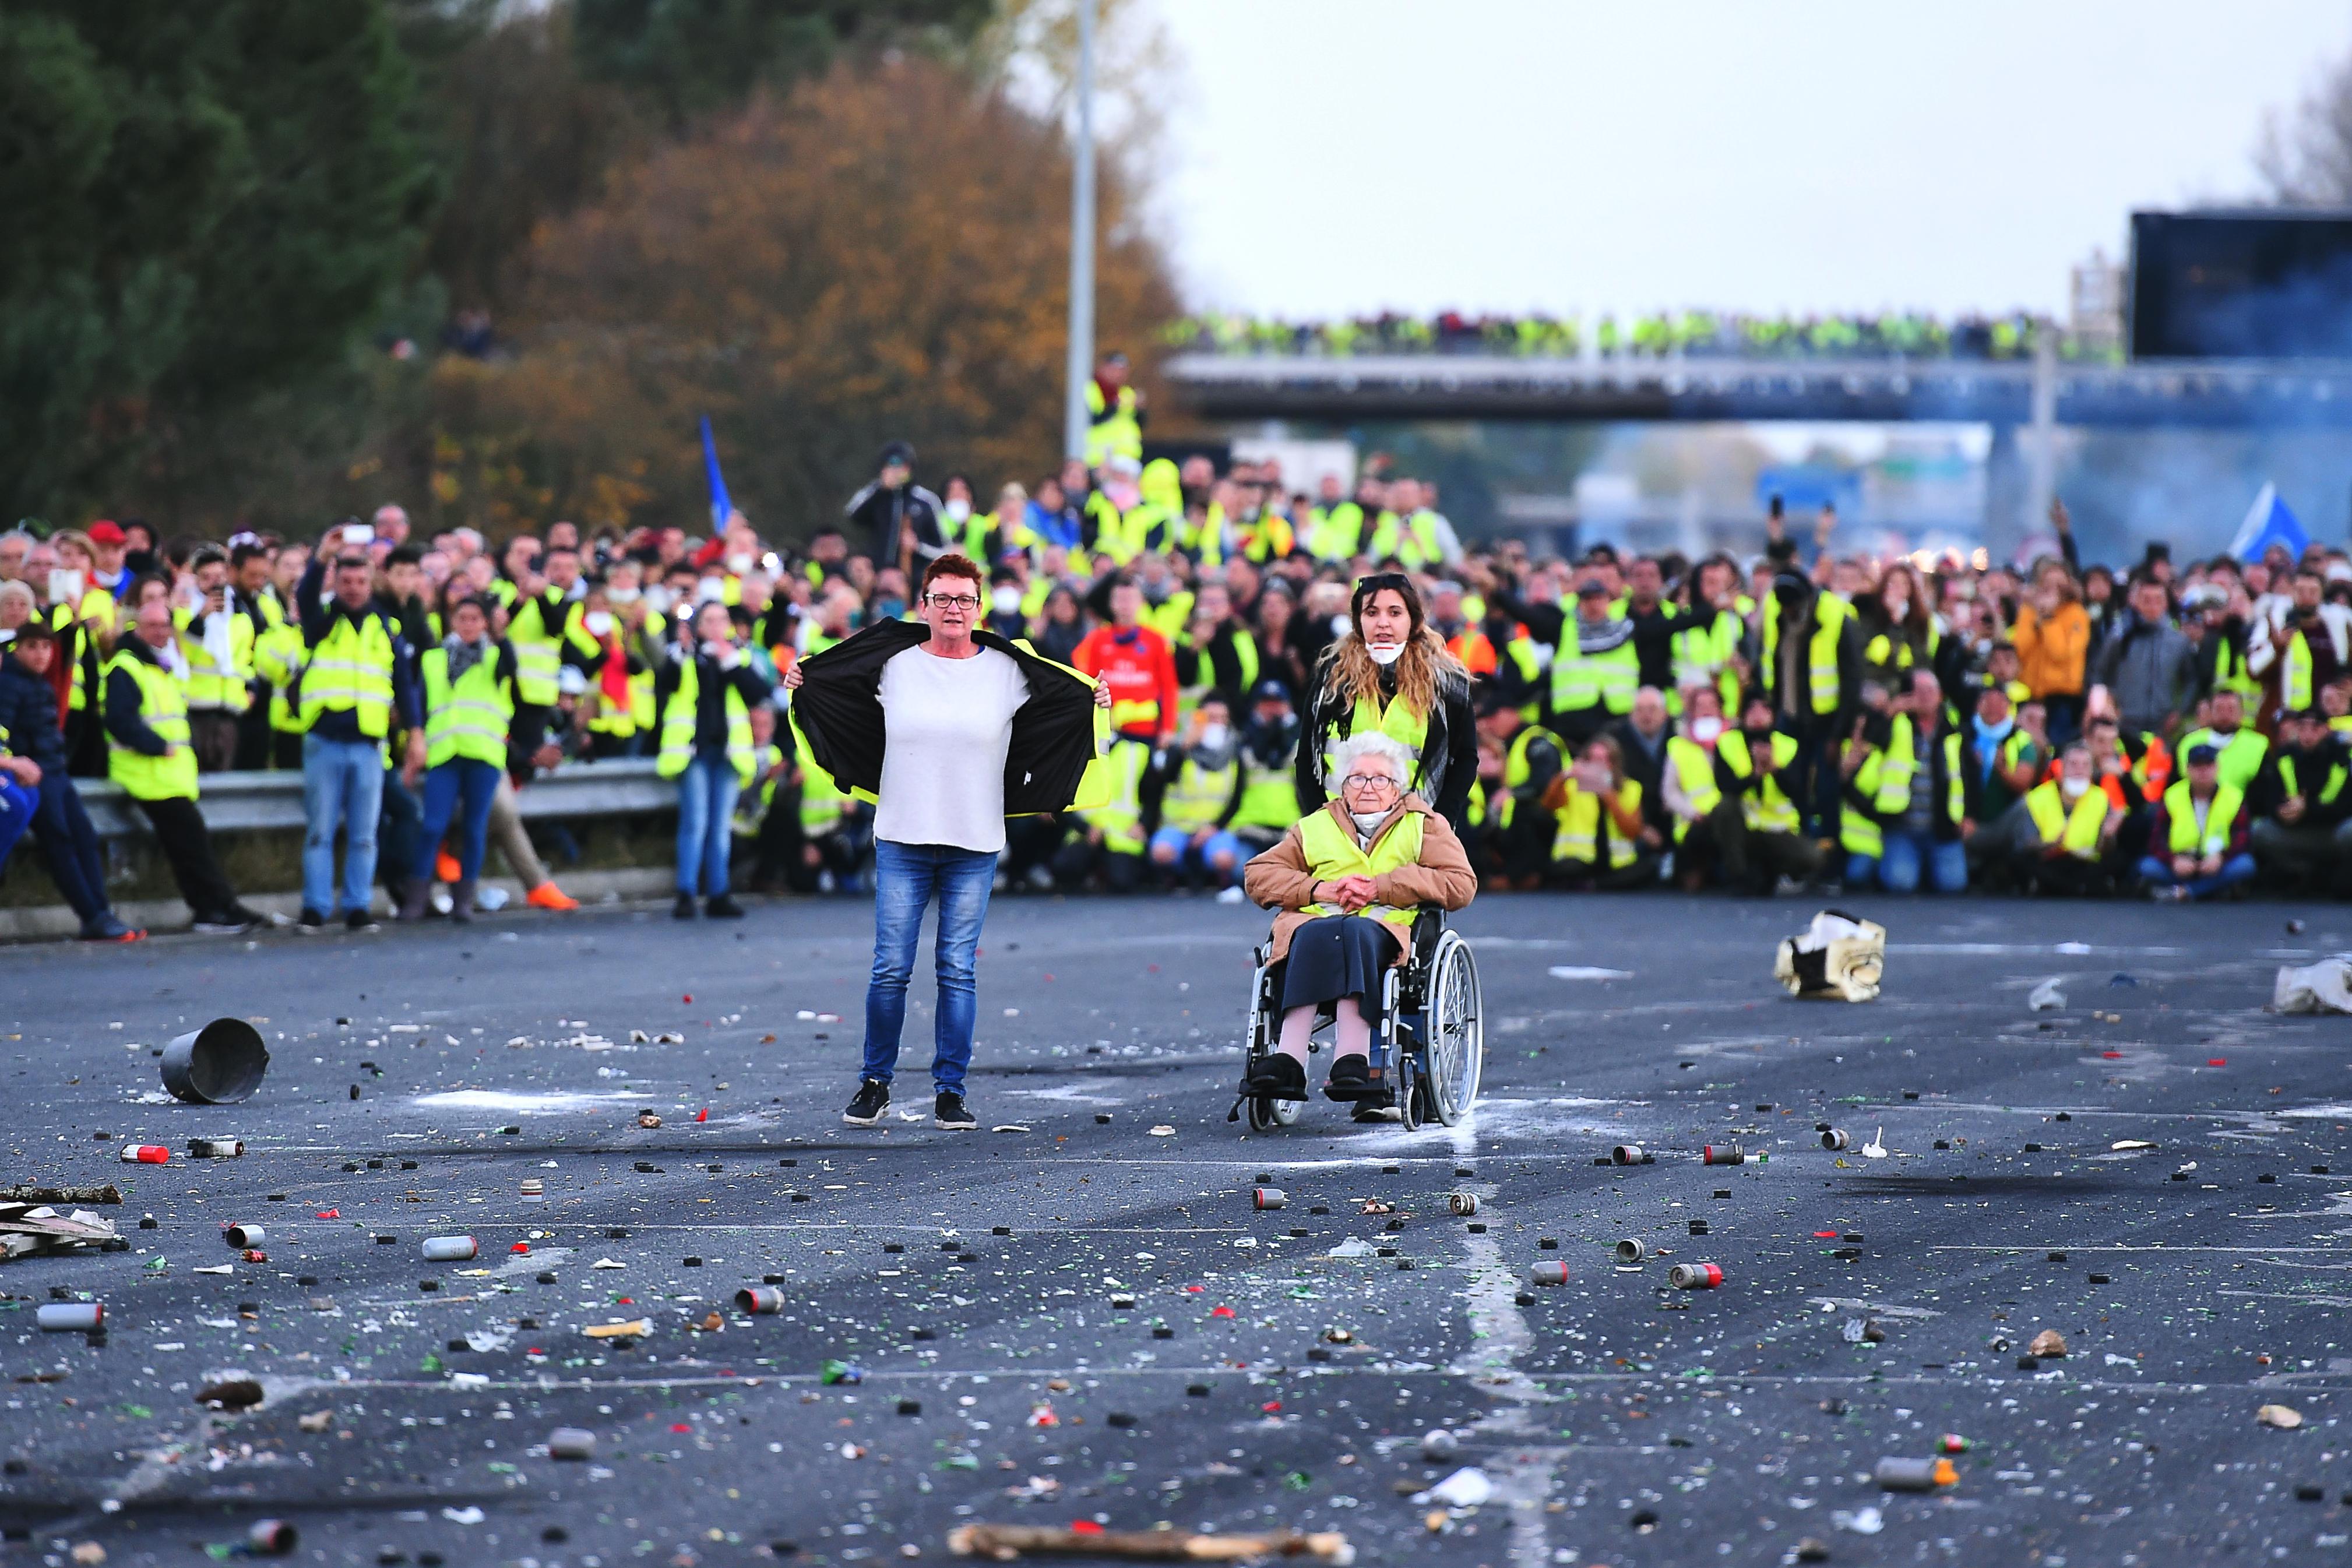 Nem a rendőrökkel összecsapó tüntetők, hanem a békésen tiltakozó tízezrek jelentik az igazán nagy kihívást Macronnak